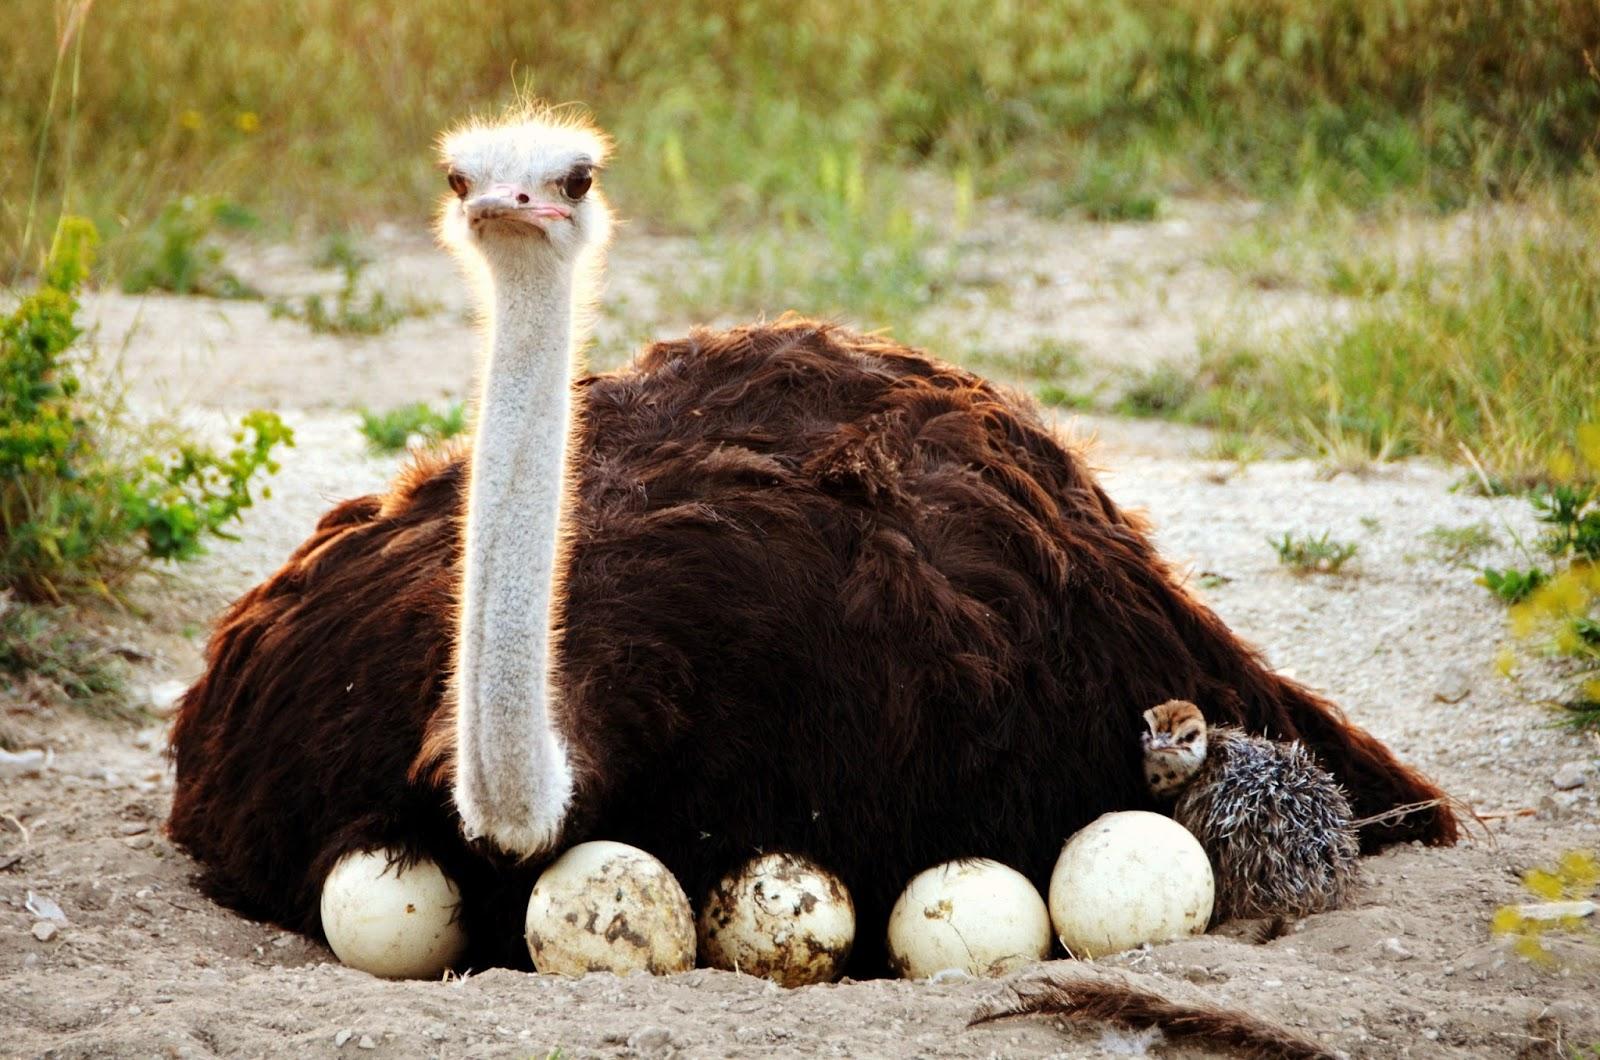 Сколько страус высиживает яйца